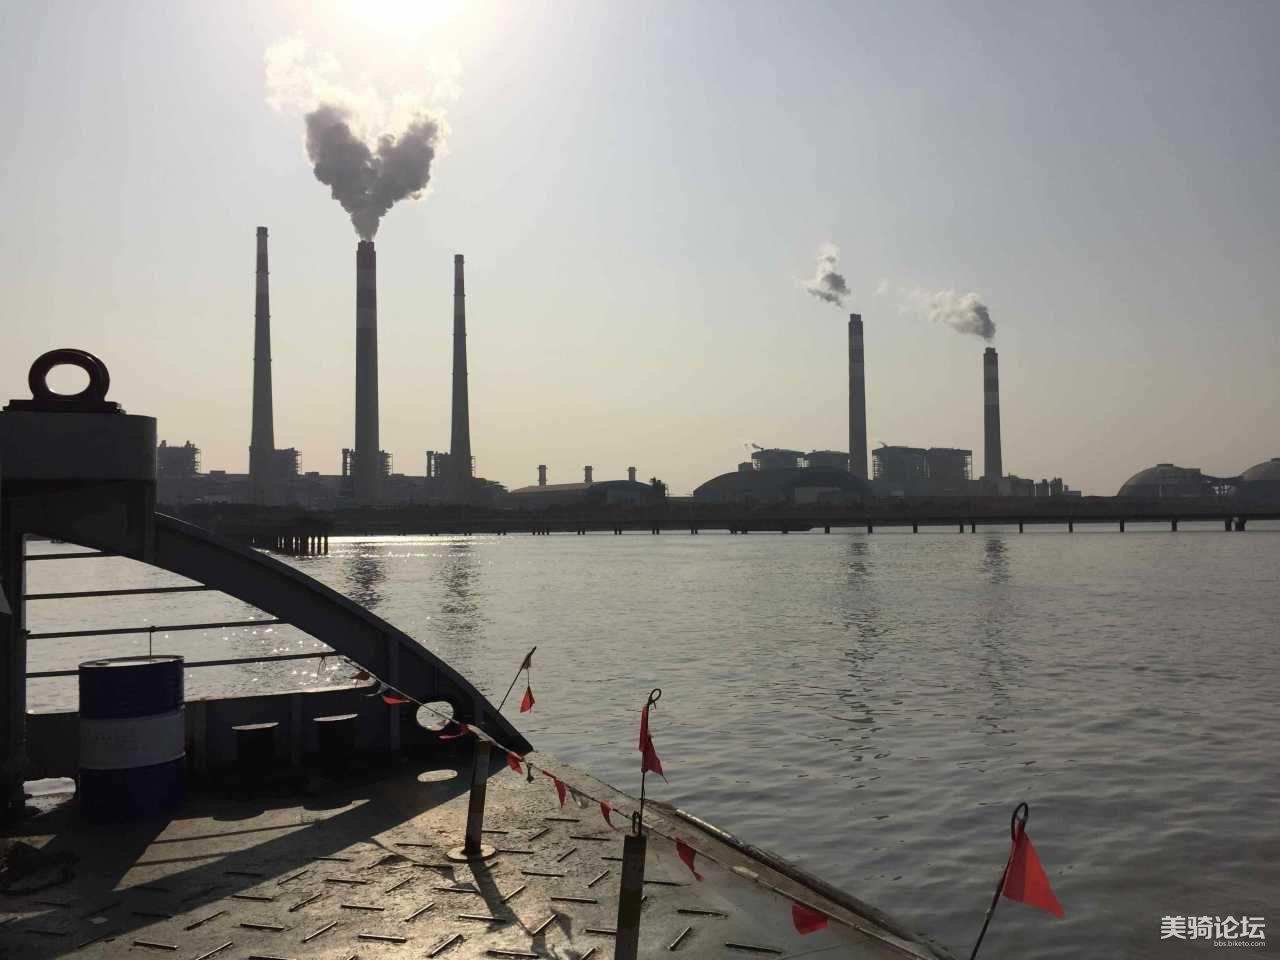 离港前拍到的爱心形烟雾,是个好兆头吧!